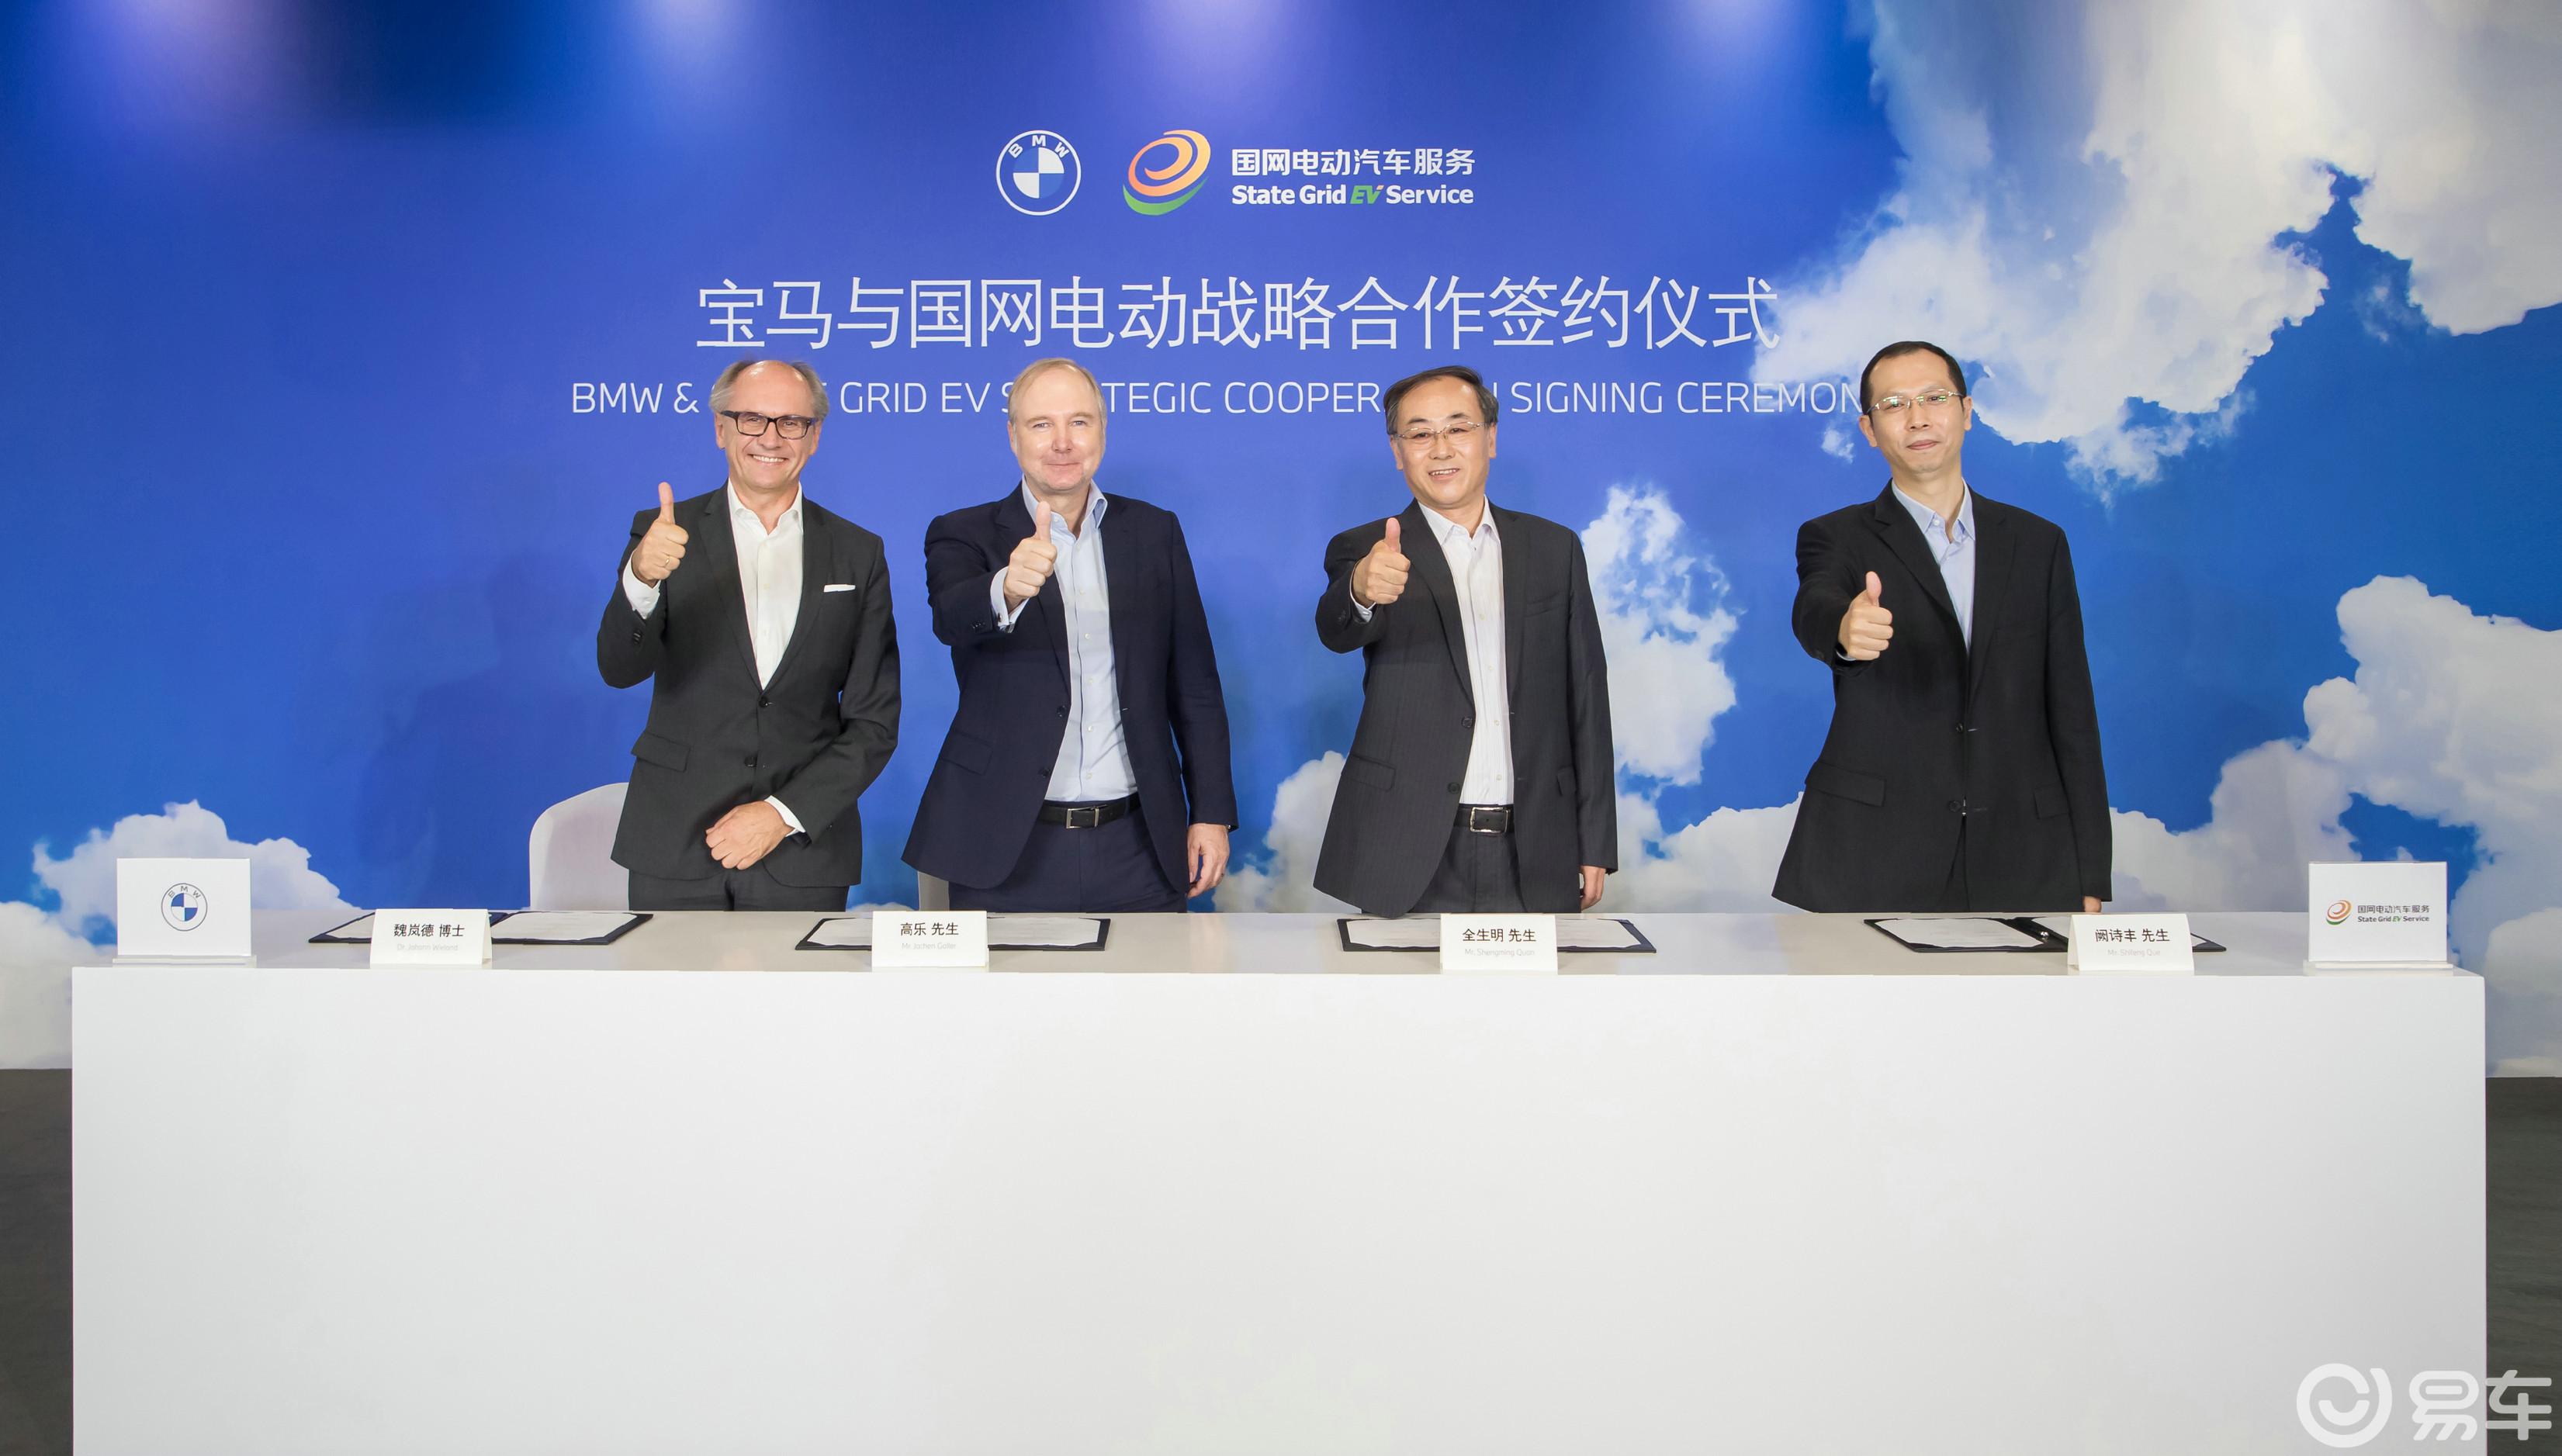 中国电动化战略加速,宝马与国网官宣结盟|行业